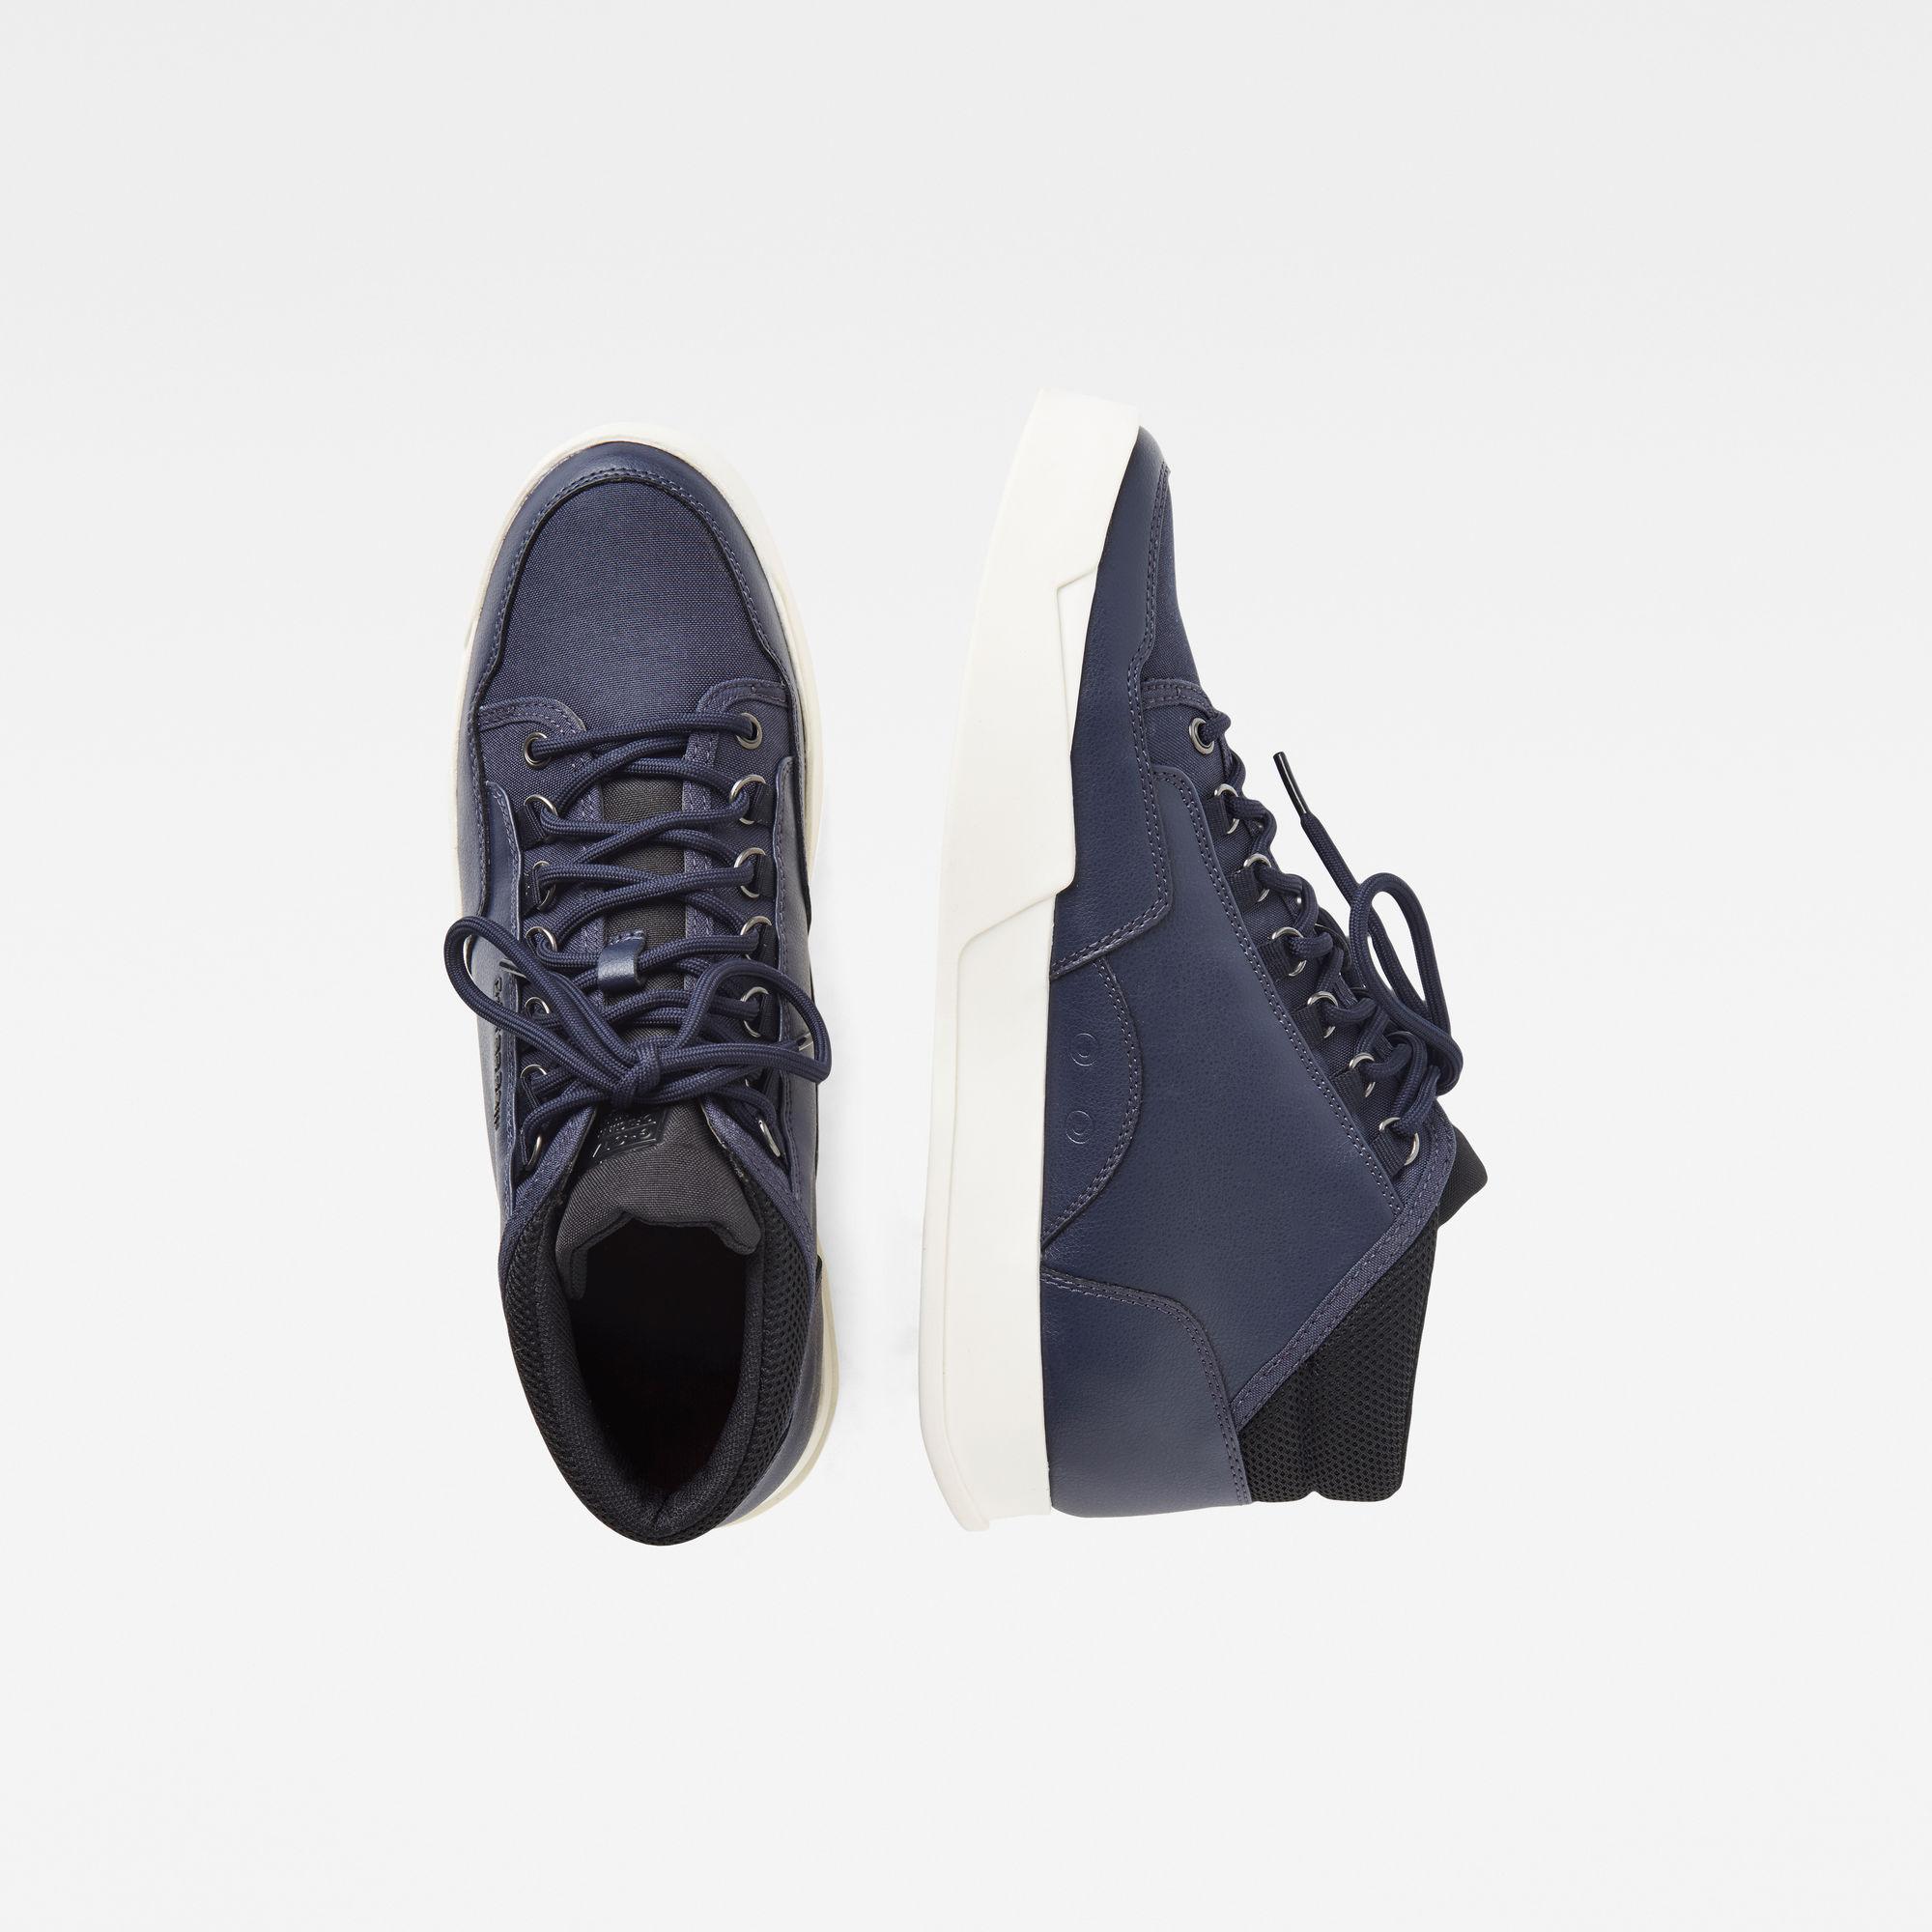 G-Star RAW Rackam Vodan Mid Sneakers